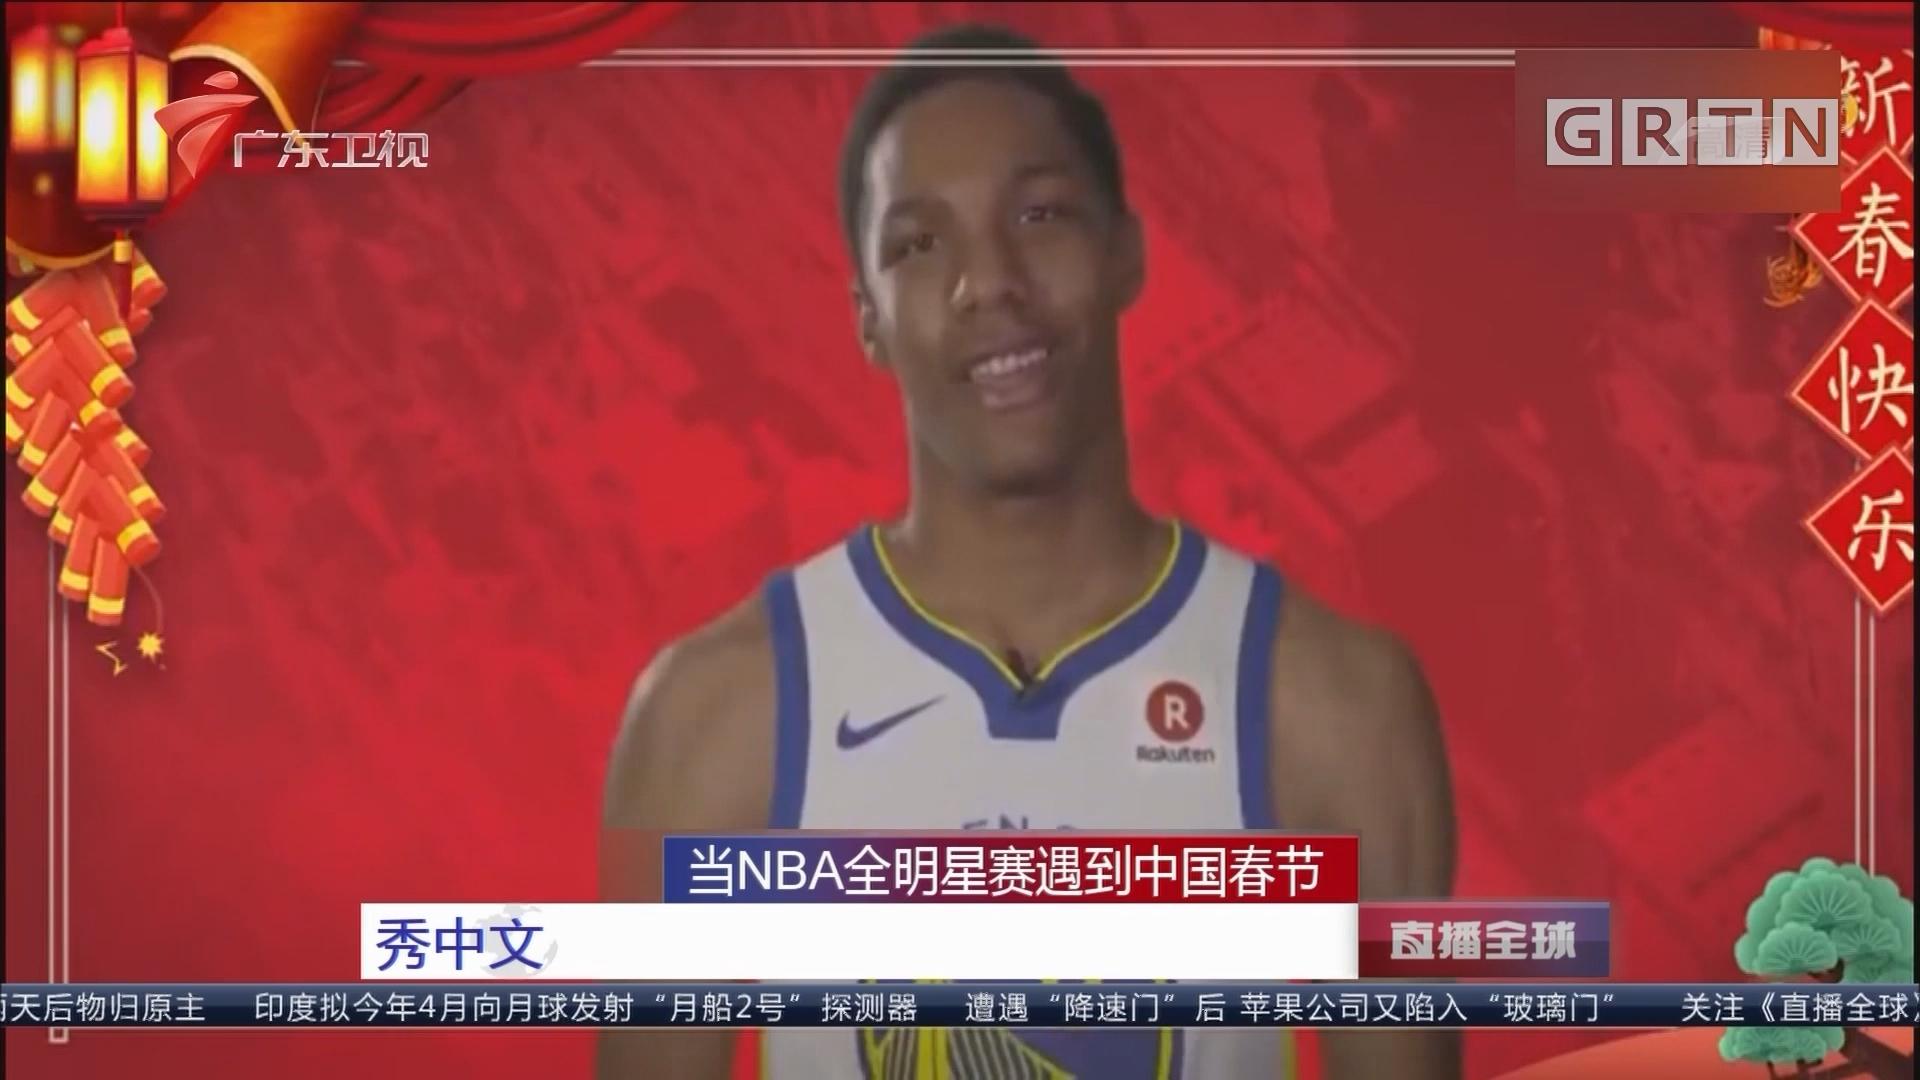 当NBA全明星赛遇到中国春节 秀中文